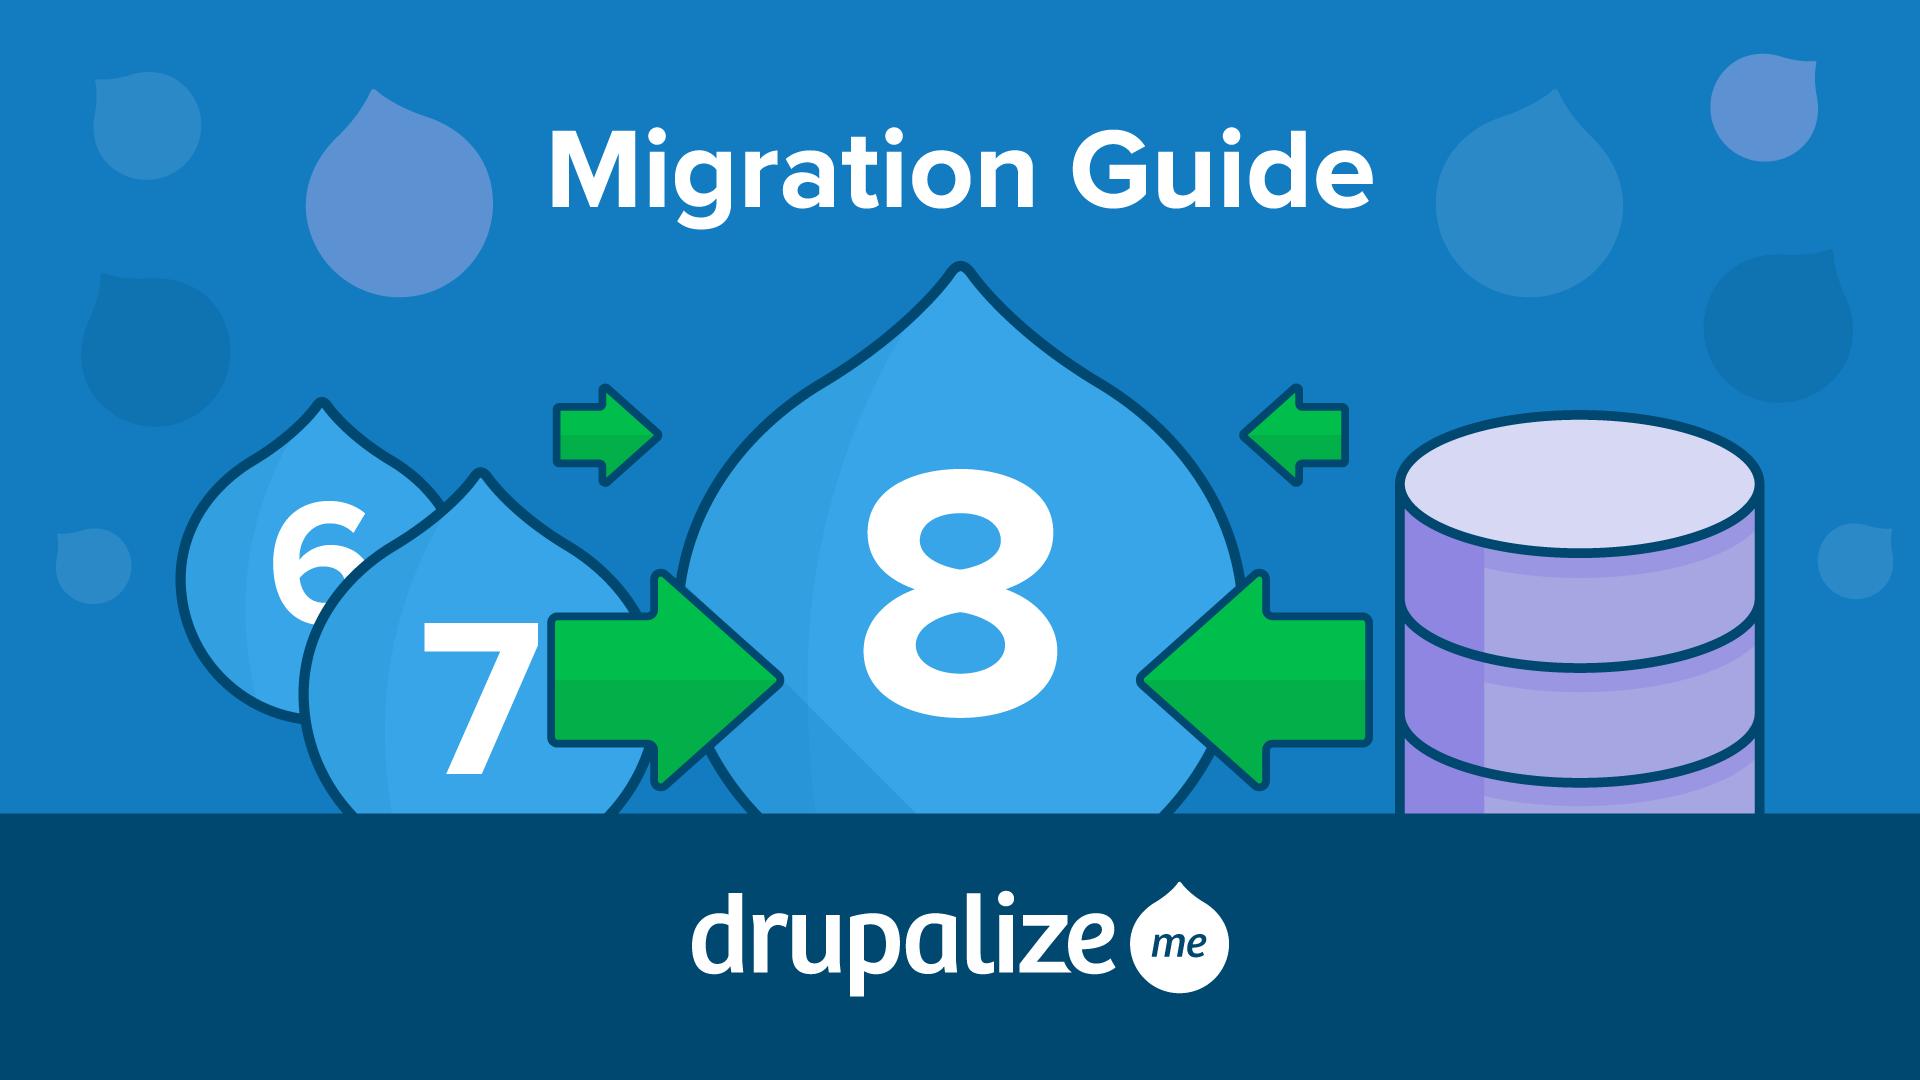 Drupal 8 Migration Guide